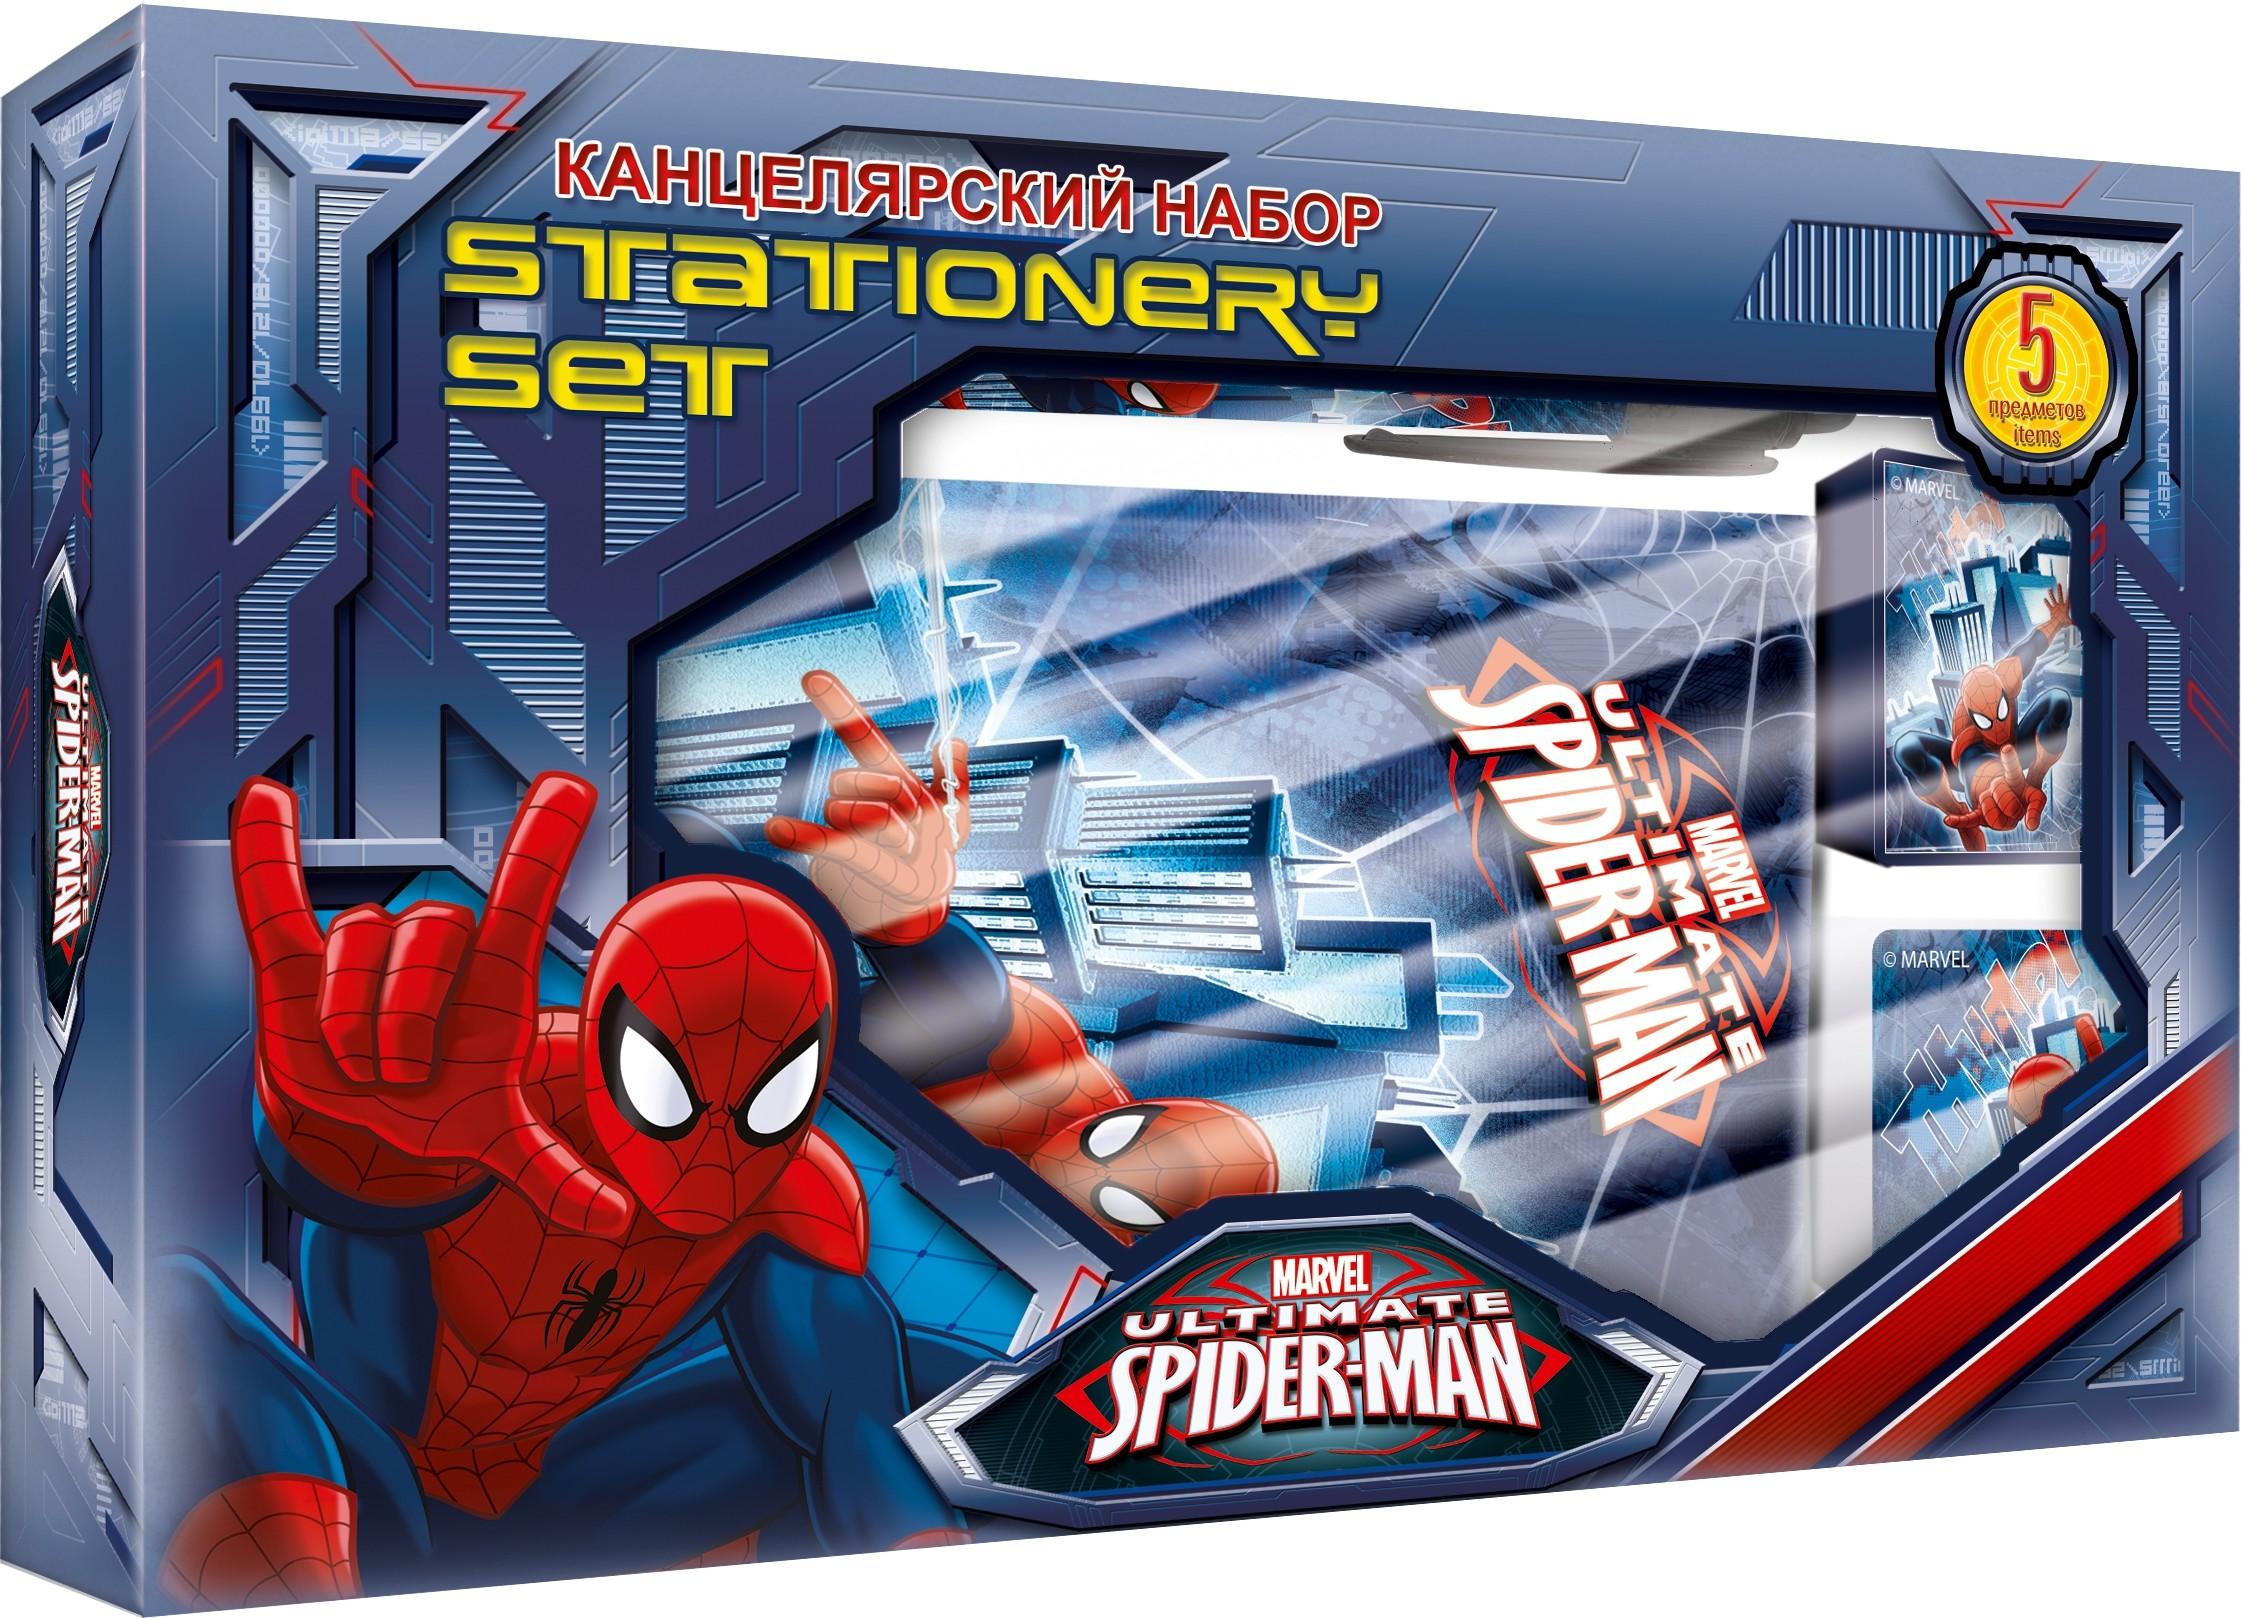 Пеналы и наборы Spider-man Набор канцелярский Spider-Man в подарочной коробке набор канцелярский spider man 2 пр